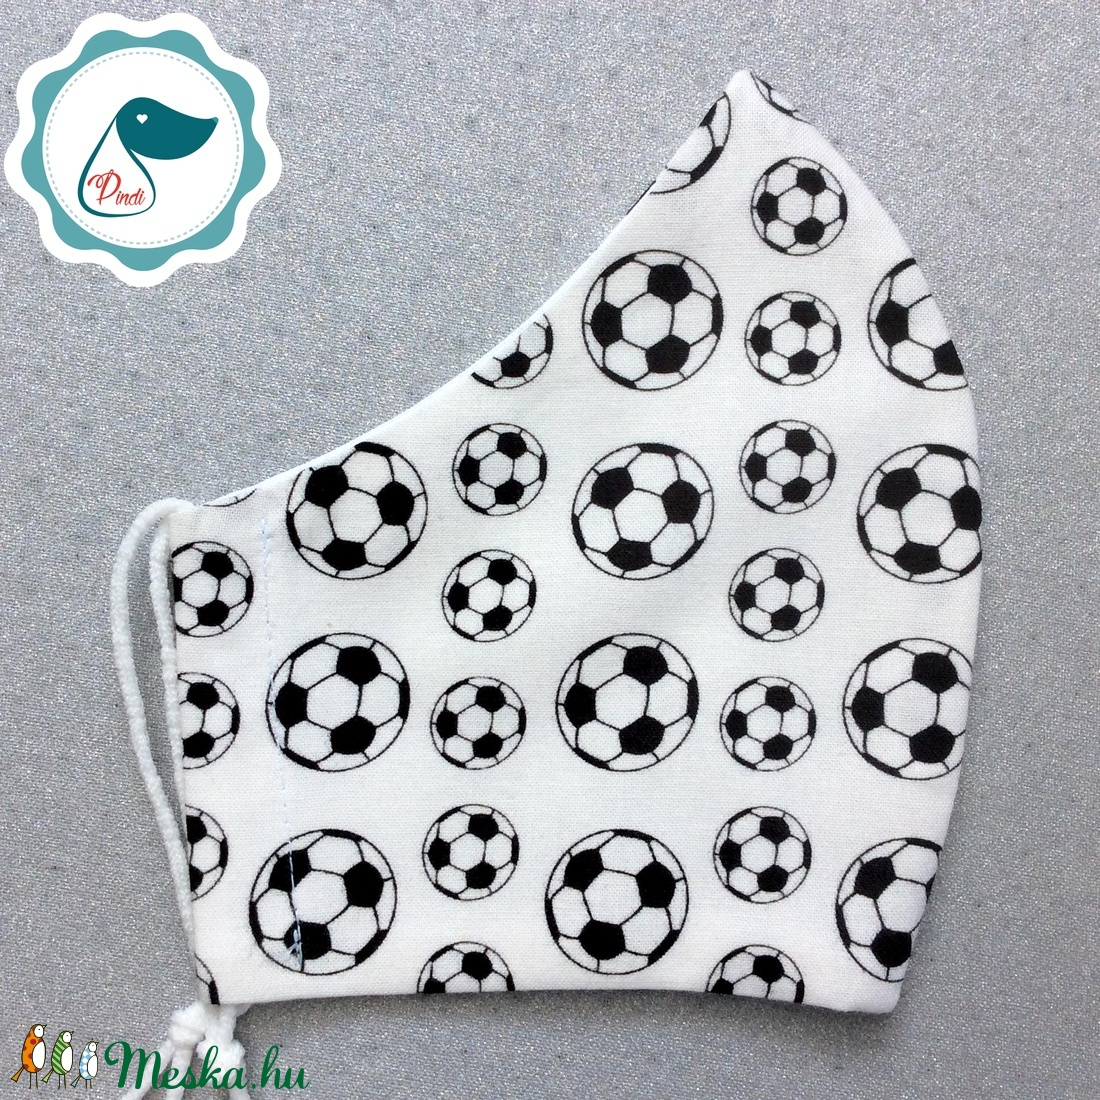 Egyedi- férfi futball labdás maszk - mosható szájmaszk - textil szájmaszk - egészségügyi szájmaszk - maszk, arcmaszk - férfi & uniszex - Meska.hu